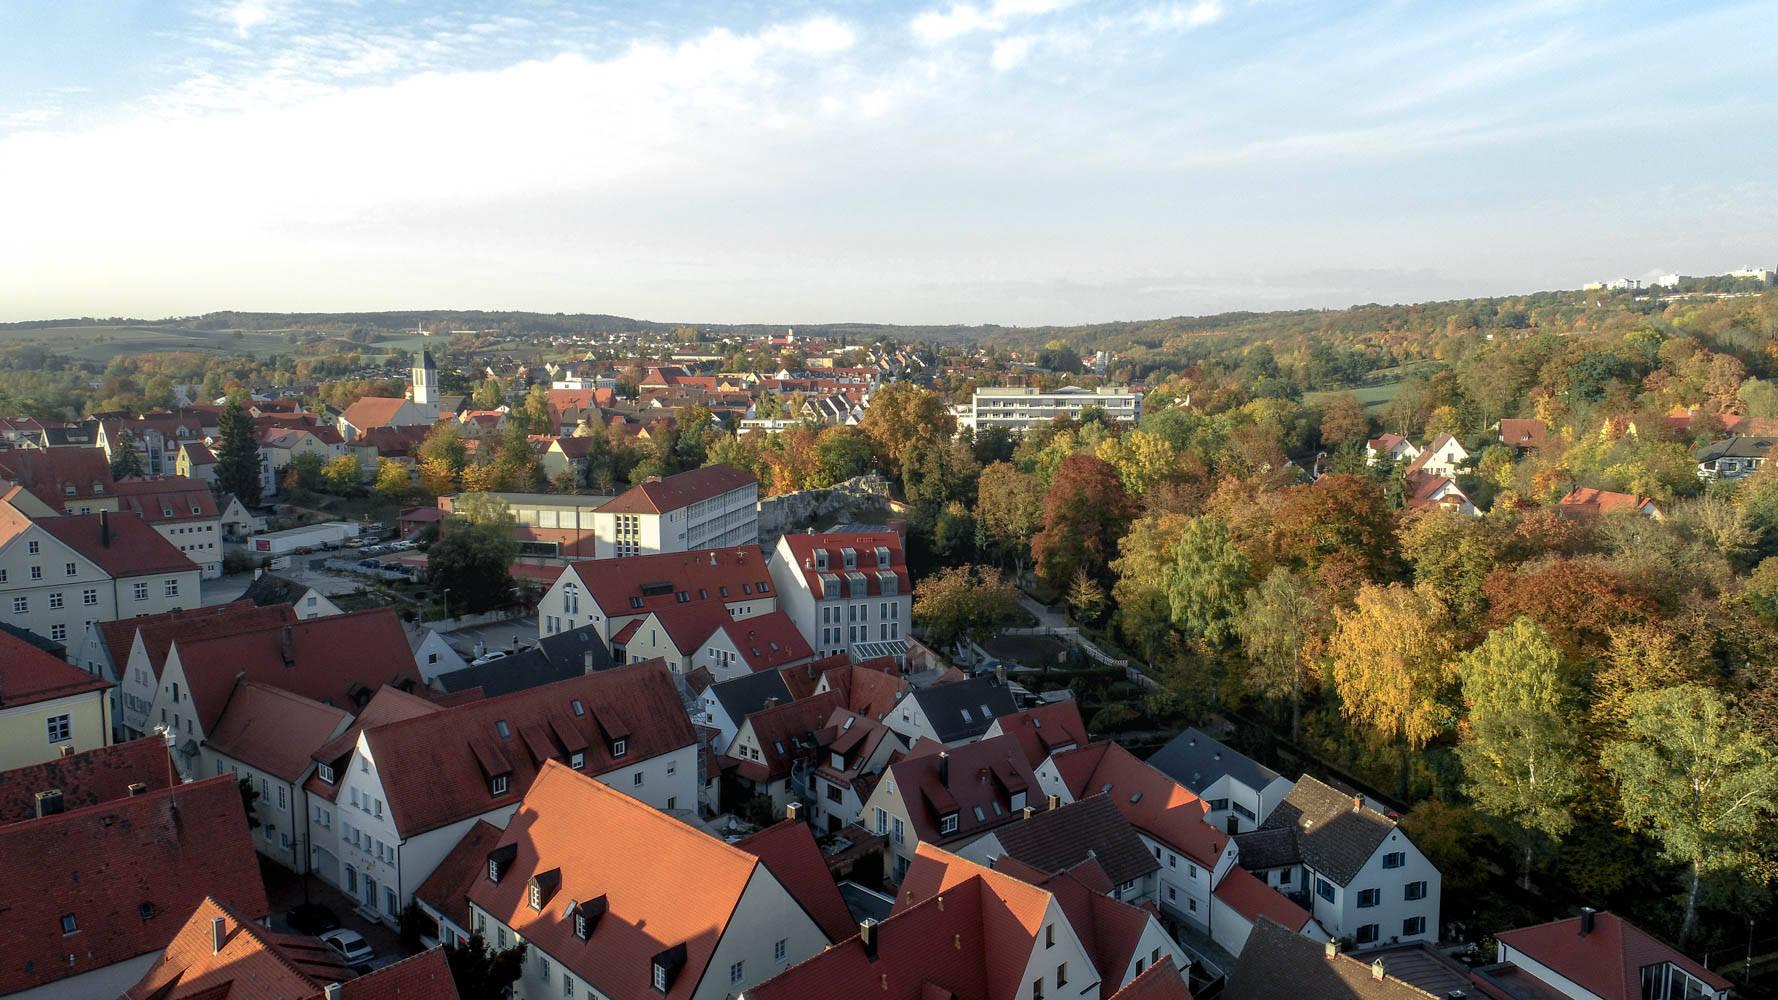 Engelshof_©Gregor_Wiebe-6.jpg